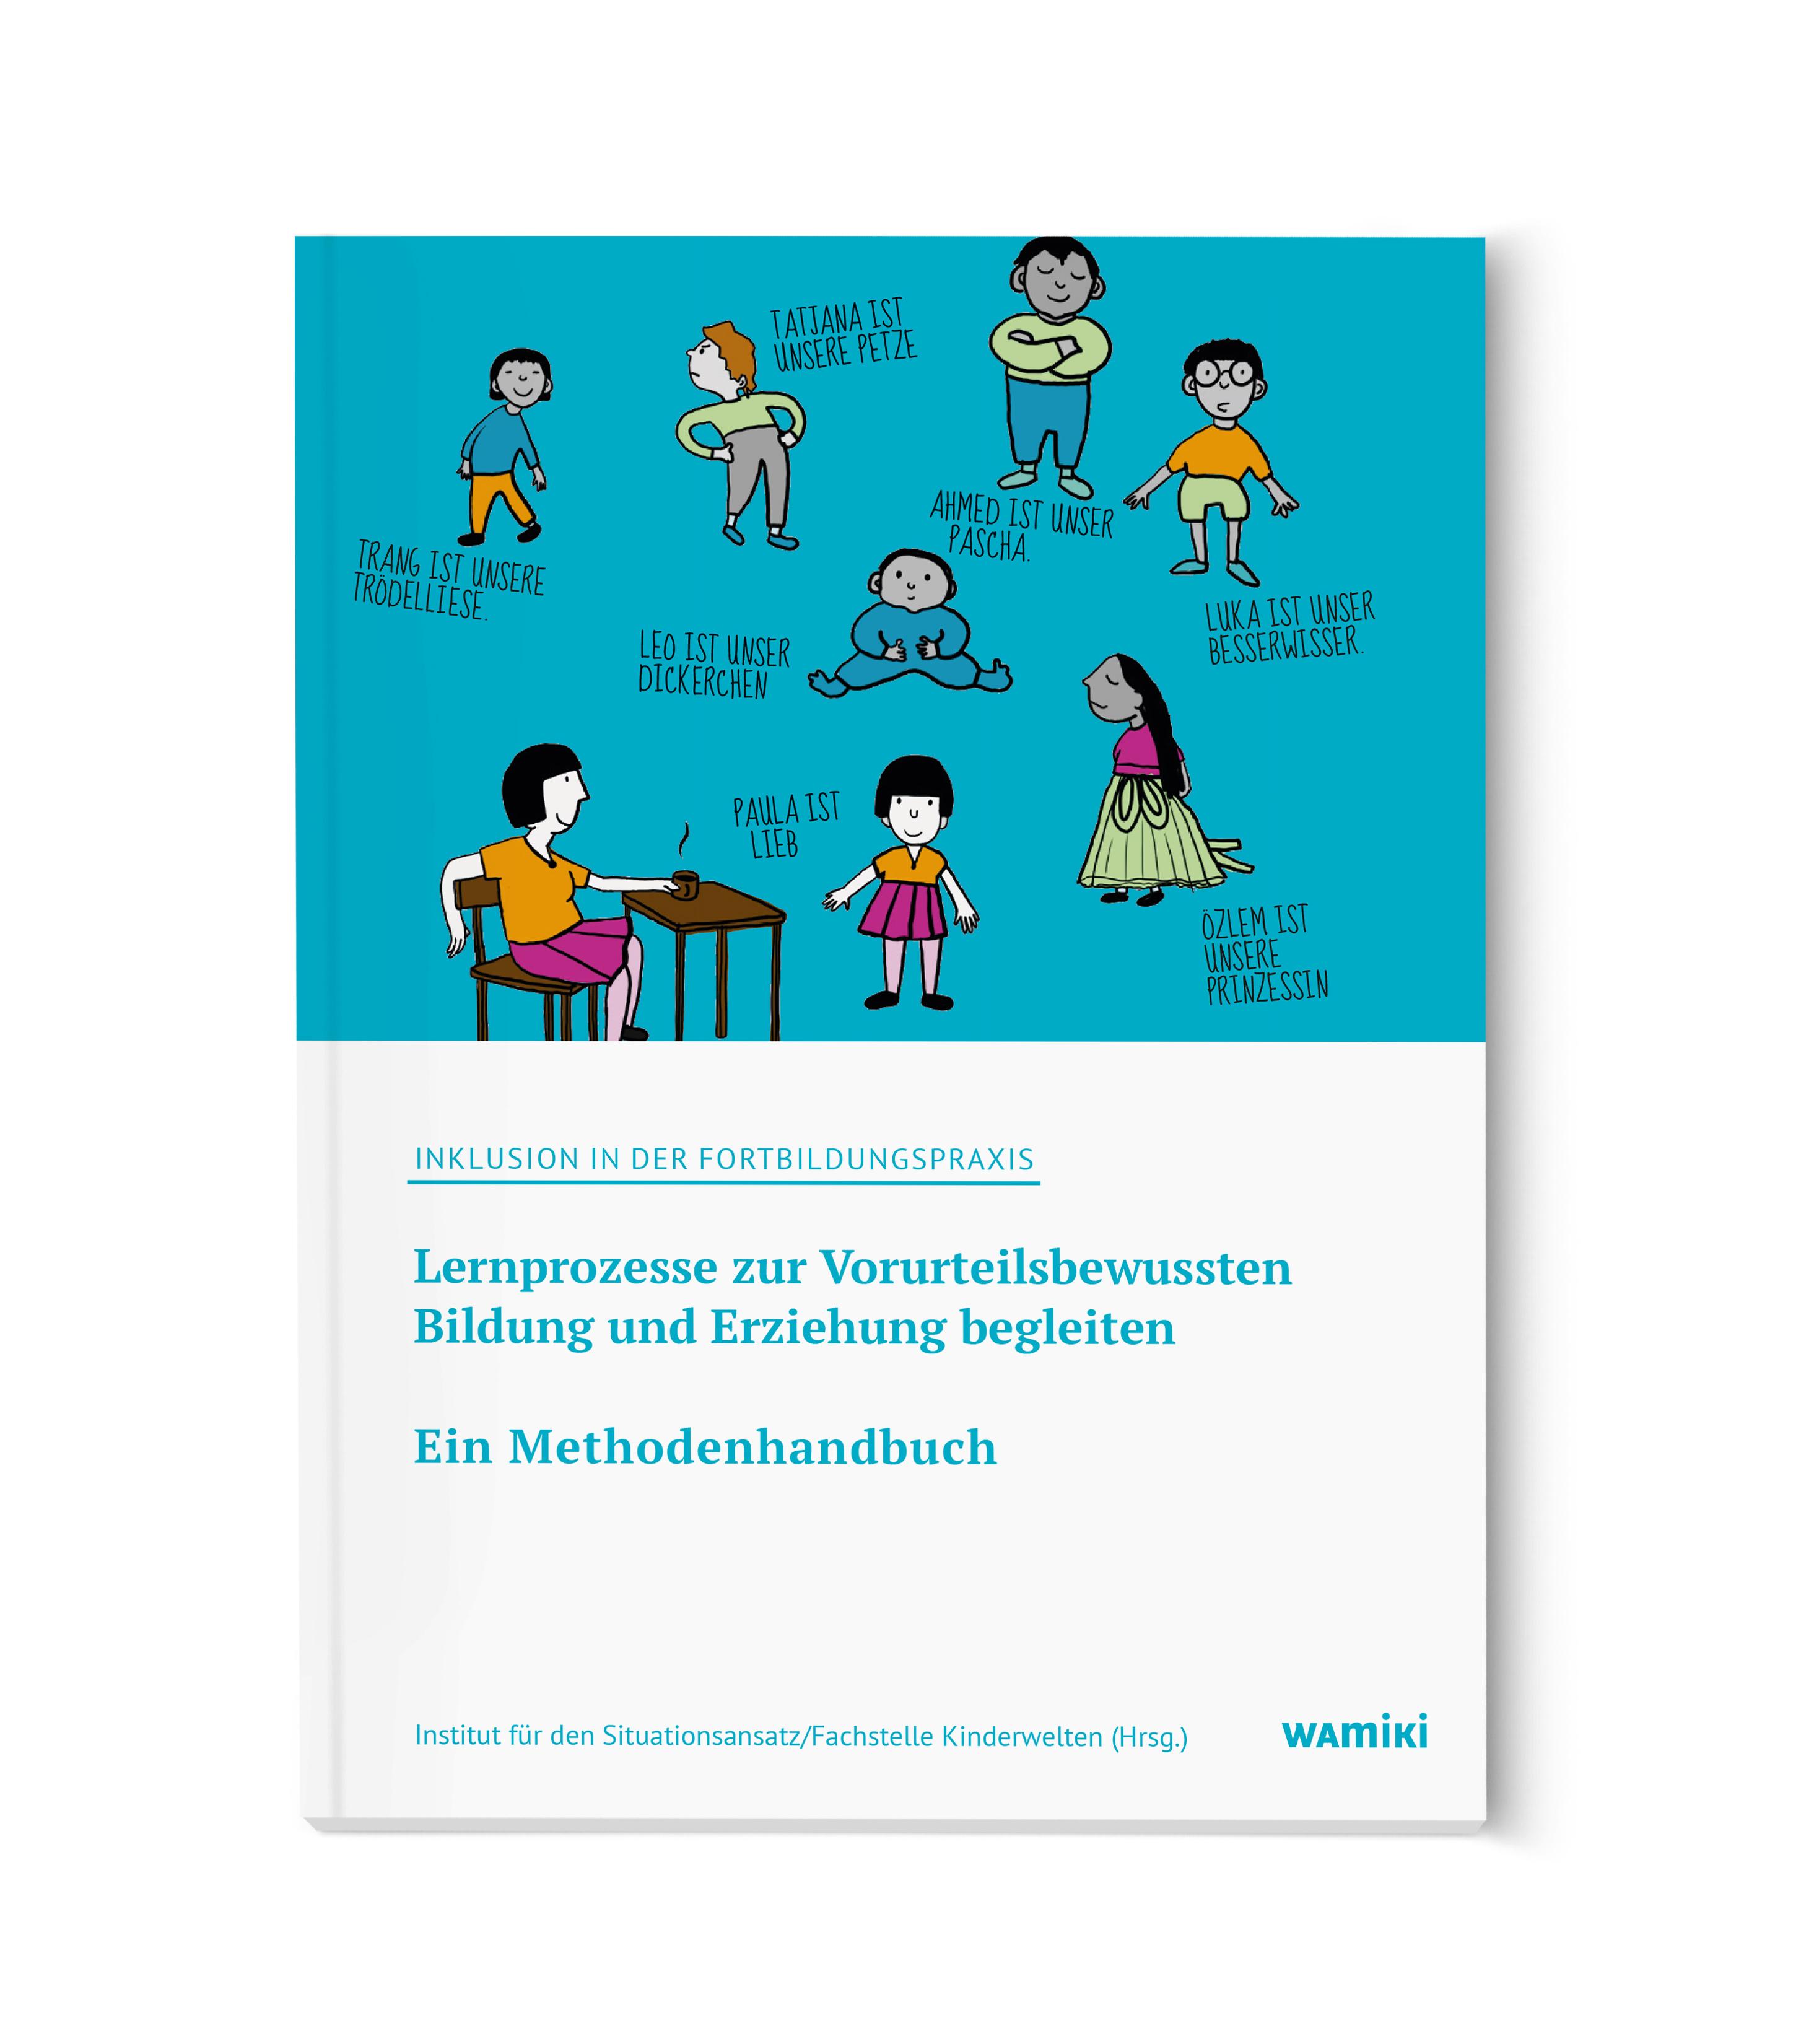 Inklusion in der Fortbildungspraxis - ein Methodenhandbuch(Band 6 ...